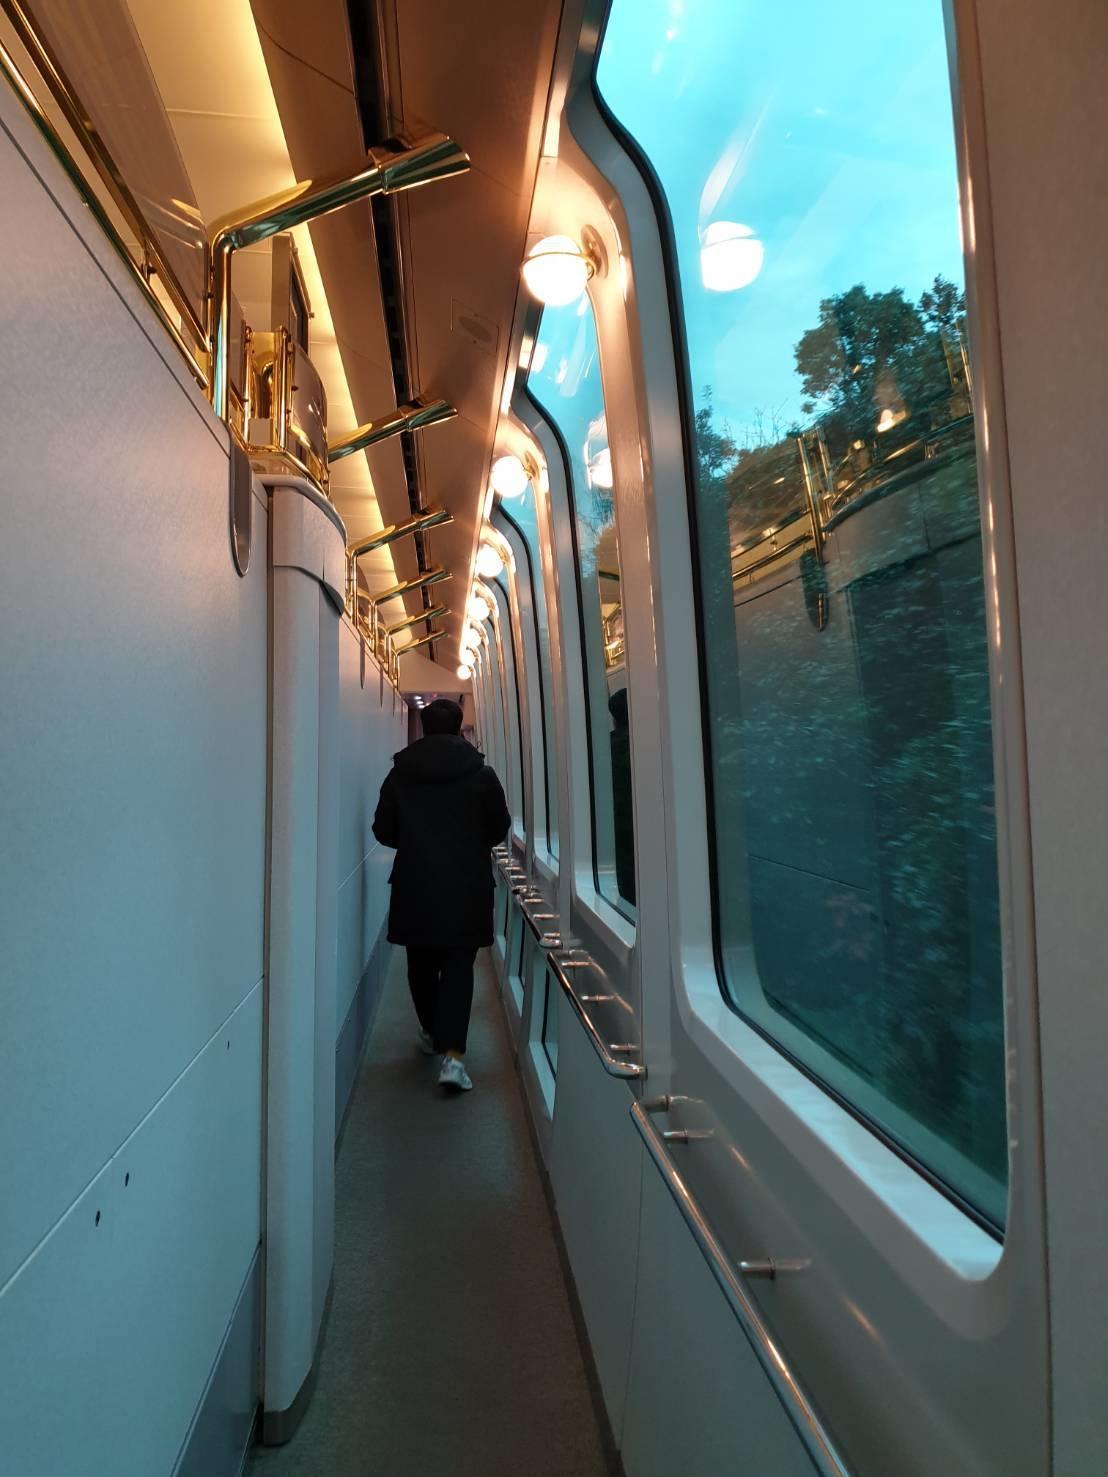 16.รถไฟด่วน Kintetsu 200213 0014